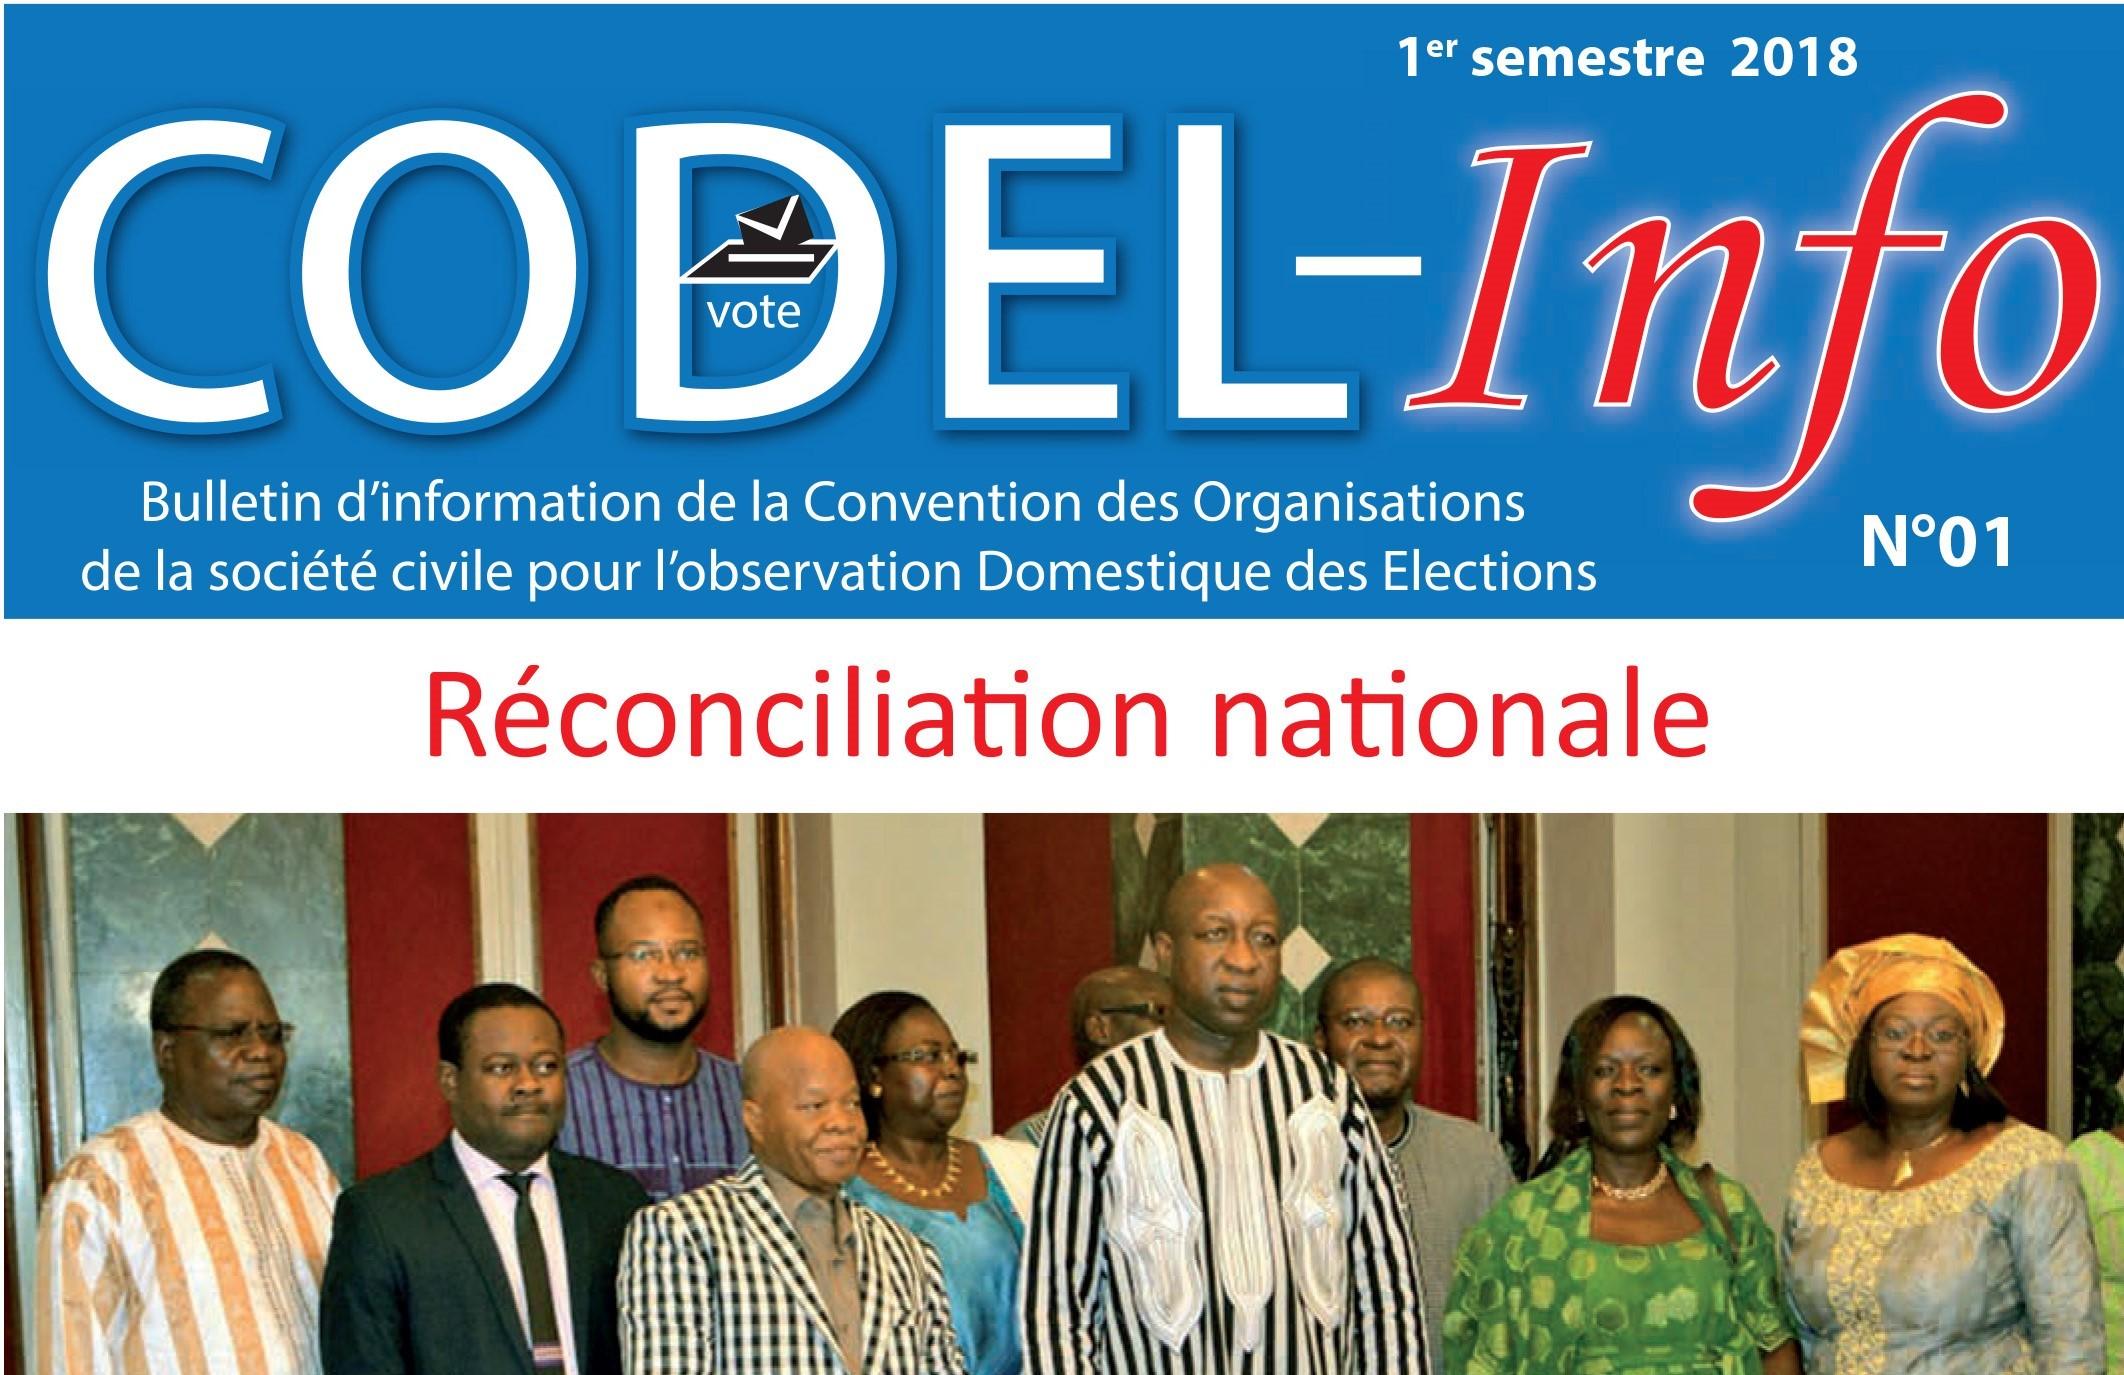 Bulletin d'information de la Convention des Organisations de la société civile pour l'observation Domestique des Elections (CODEL)